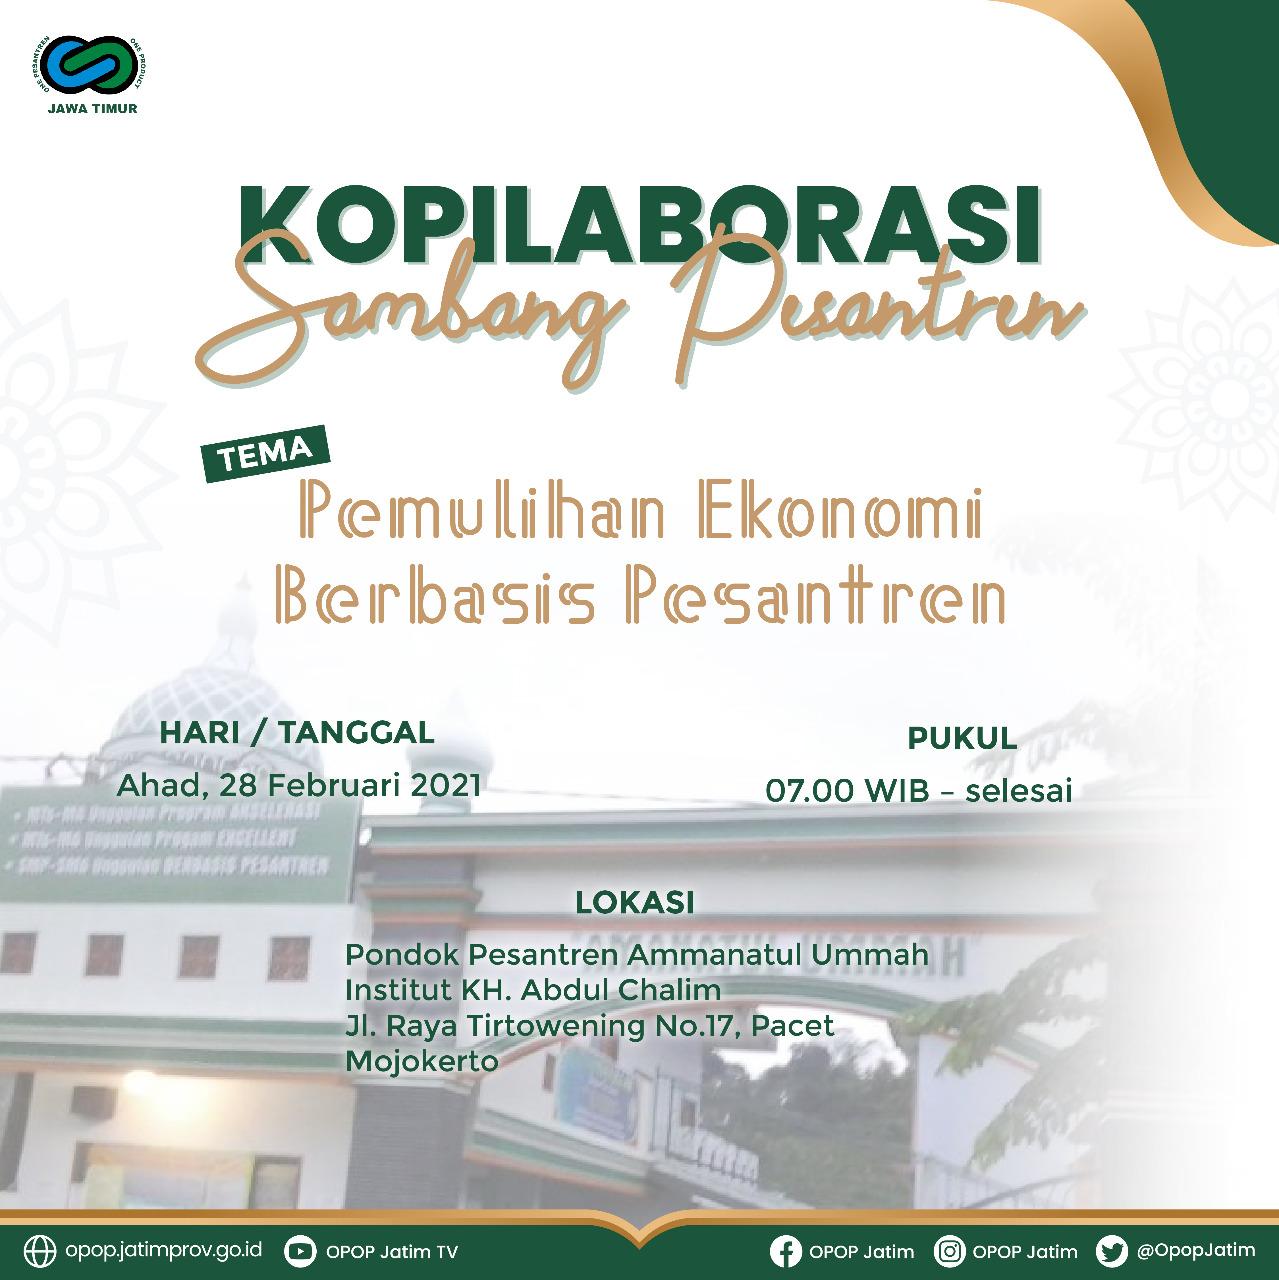 Kopilaborasi Sambang Pesantren 2021